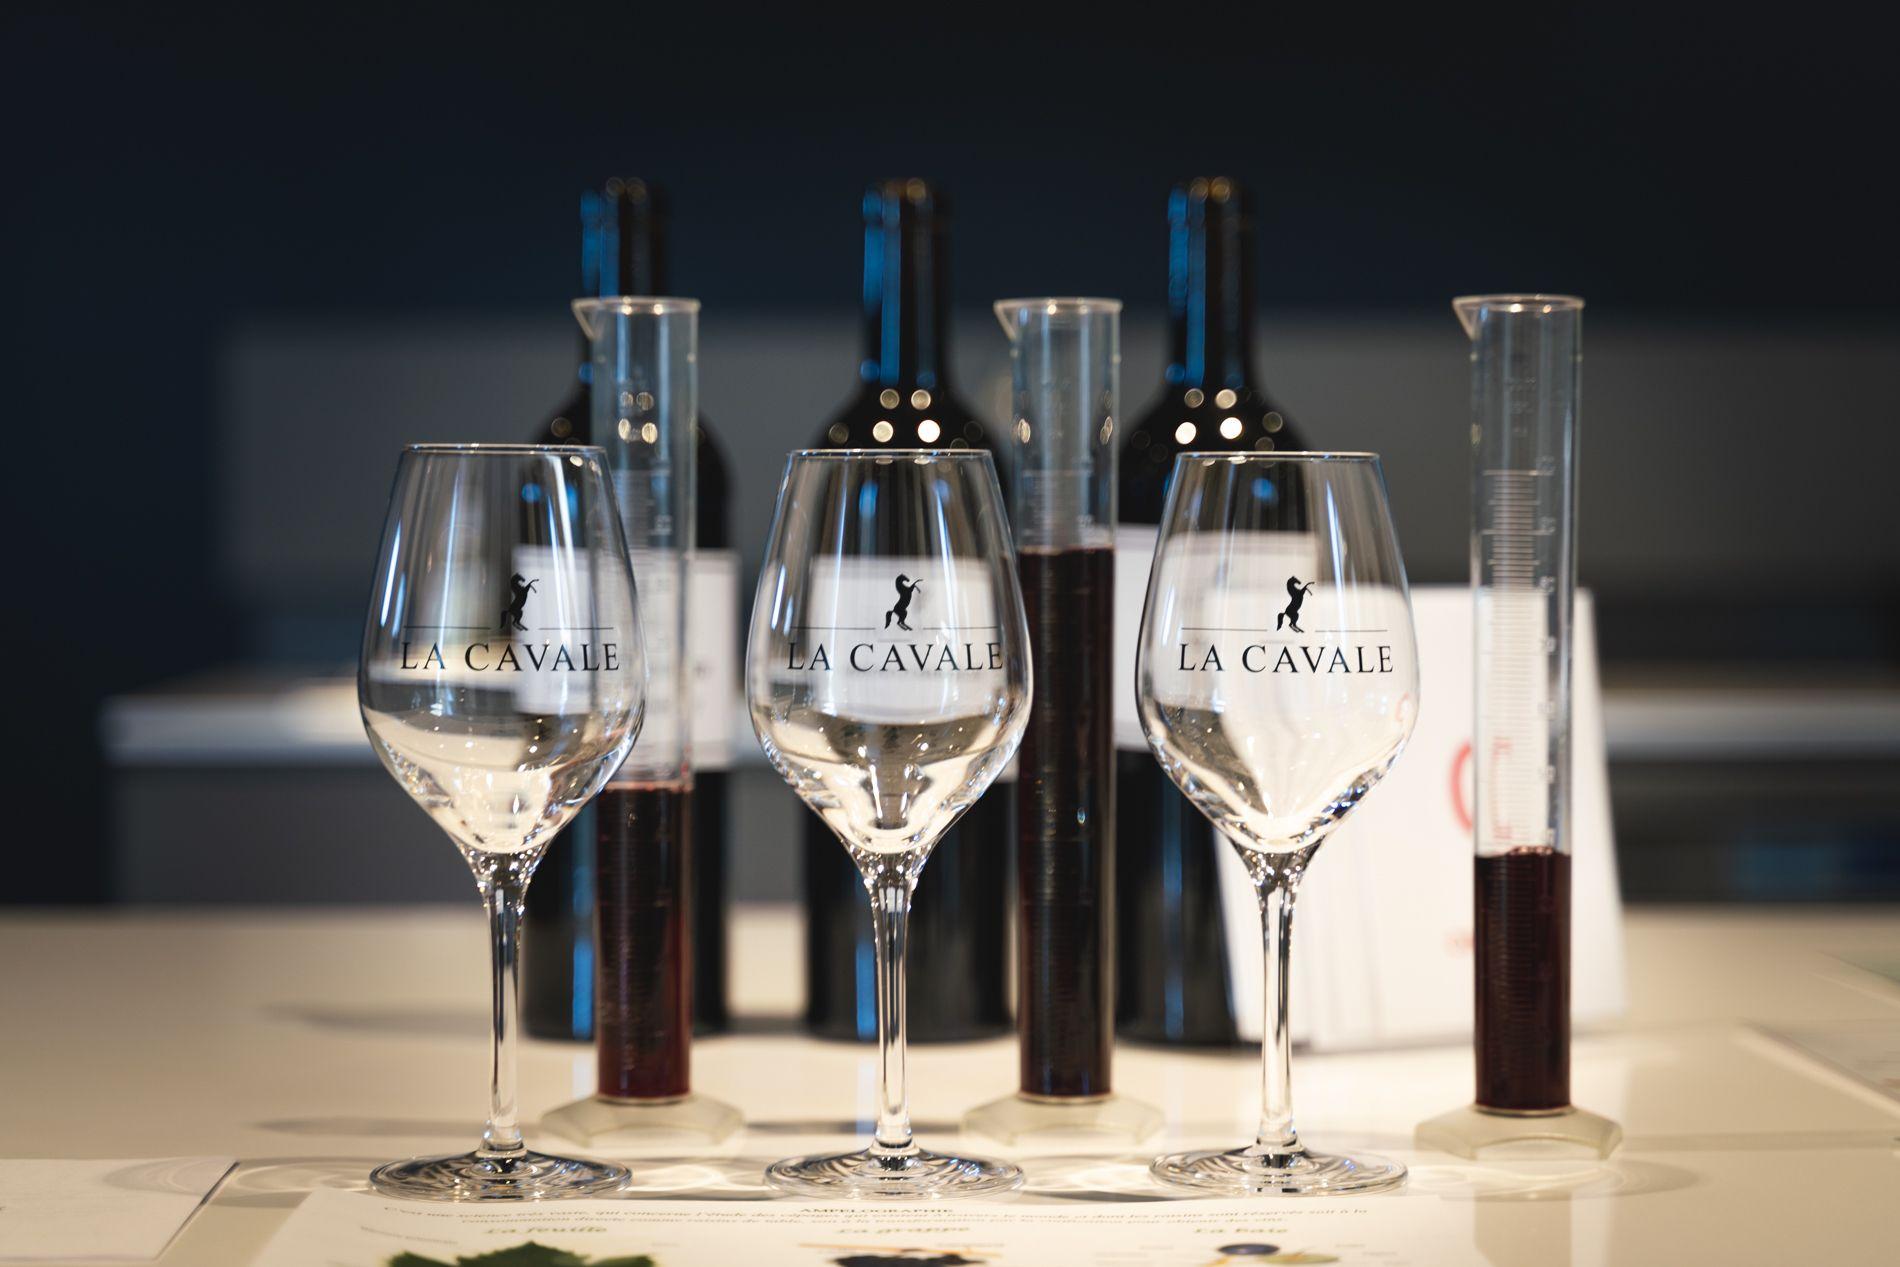 Ateliers Oenotouristiques - Wine tourism workshops